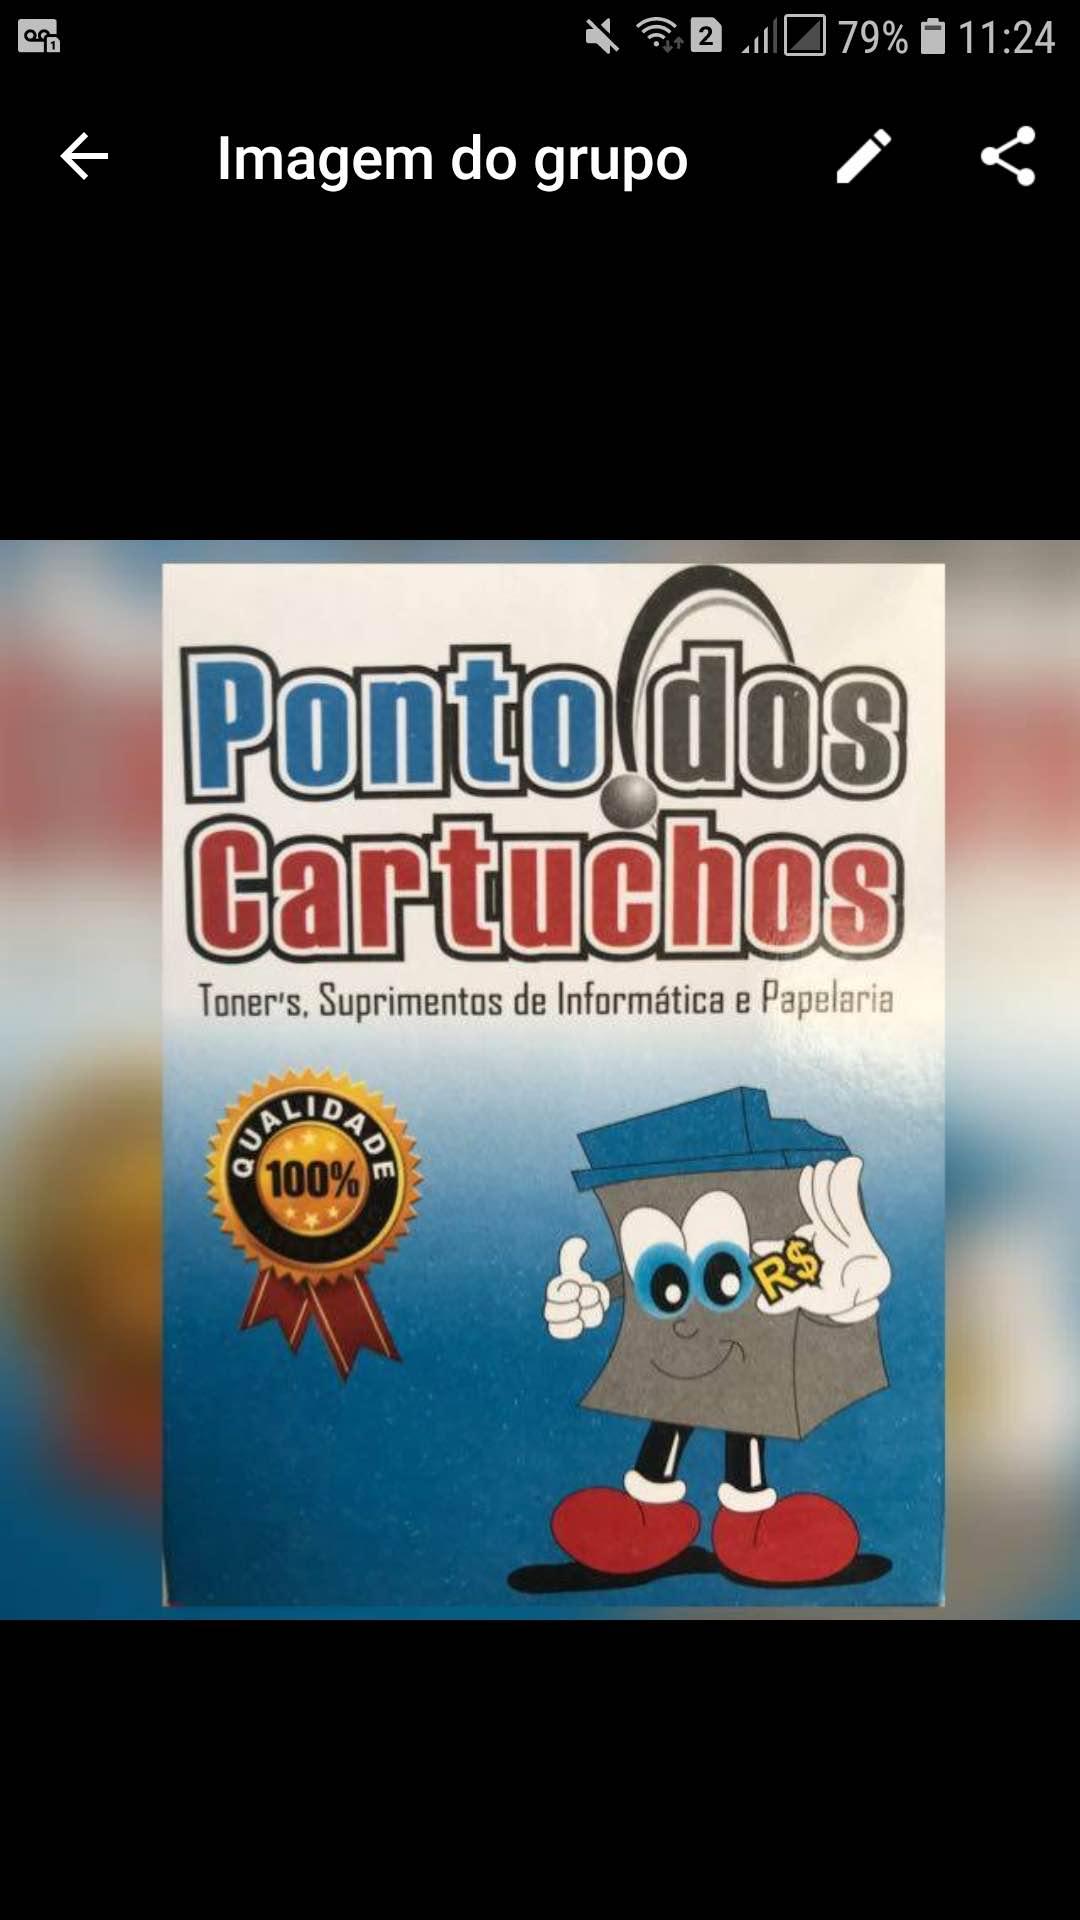 PONTO DOS CARTUCHOS